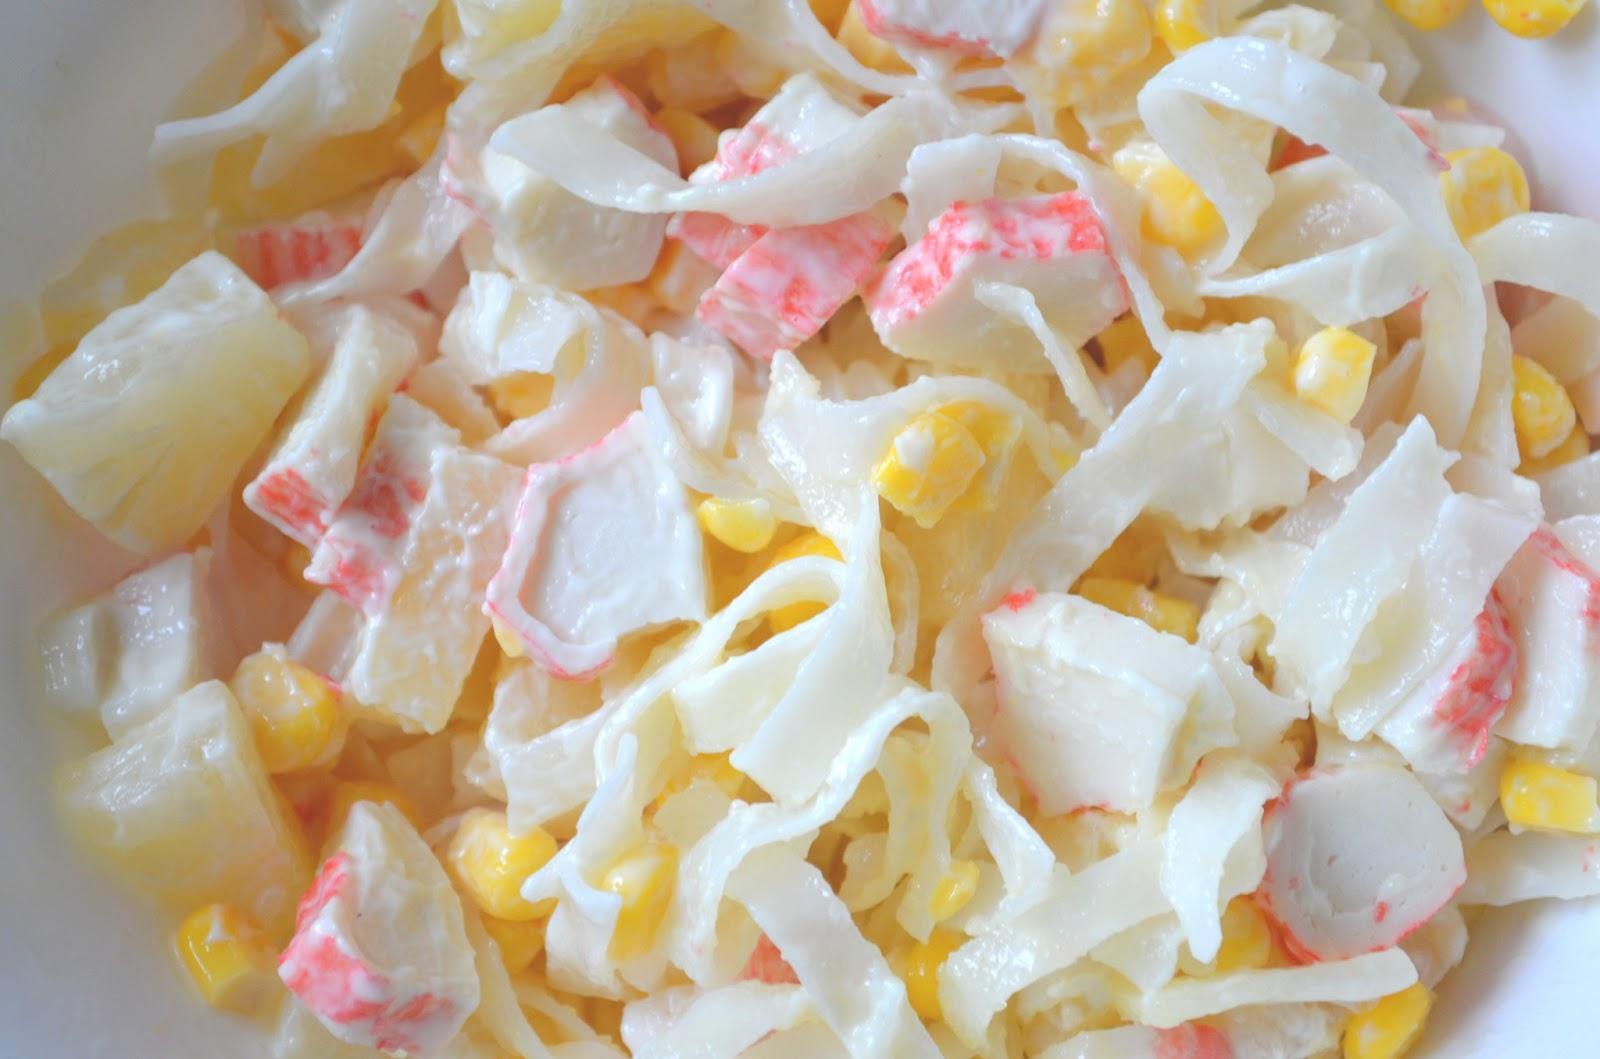 makarony sałatki majonez sałatka krewetki makaron ryż ananas pieprz sól szybkie tanie proste impreza kukurydza chińska surimi party ryżowe paluszki kukurydziane chińskie szybka danie pyszne prosty ananasem ananasowy tania chiński przepyszna pyszna pyszny szybki sałatkowe prosta ananasowe ekspresowy świetna świetne świetny tani wyborna wyborne wyborny ananasowa wspaniały wspaniała wspaniałe domówka paluszkami krabowe ryżowy ryżowa kukurydzy majonezowa imprezowa przepyszny przepyszne eskpresowe espres ekspresowa